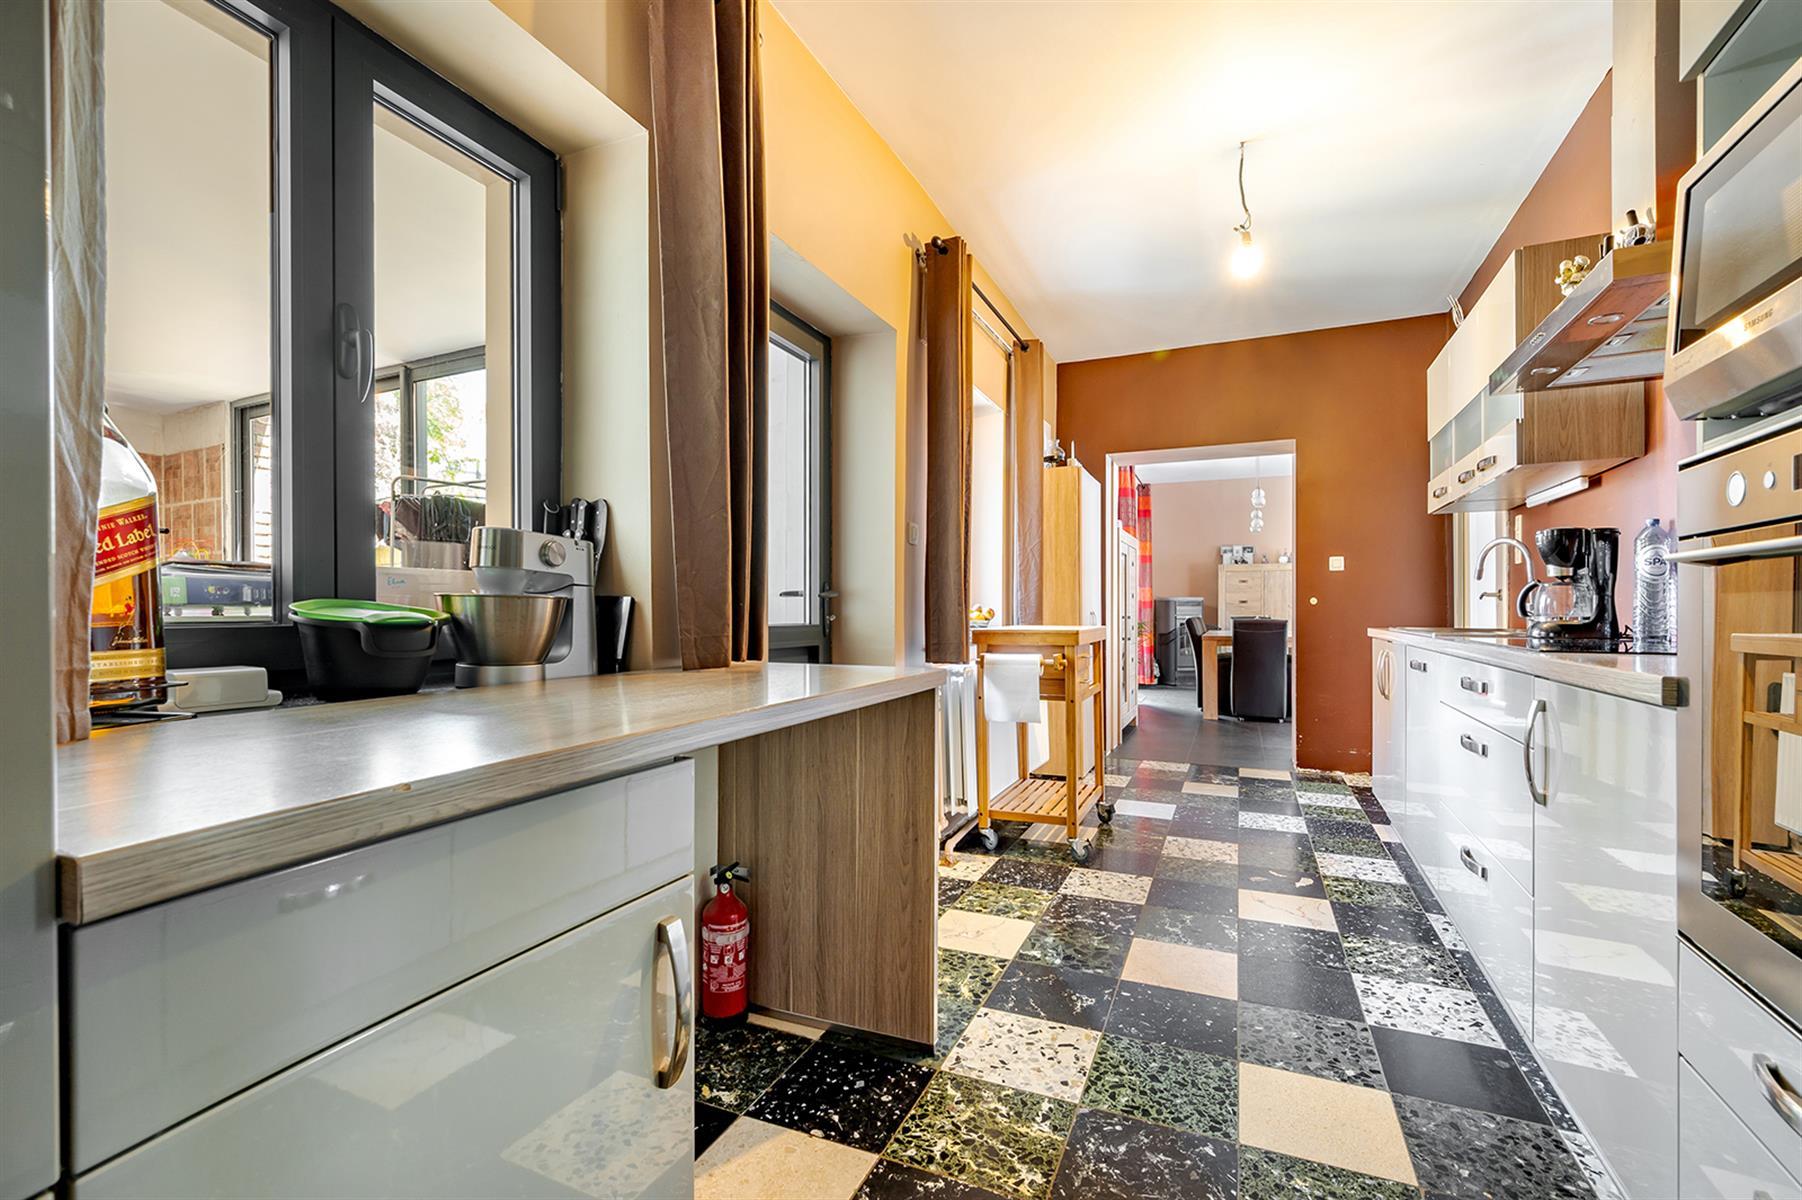 Maison - Villersle-Bouillet Warnant-Dreye - #4392377-6